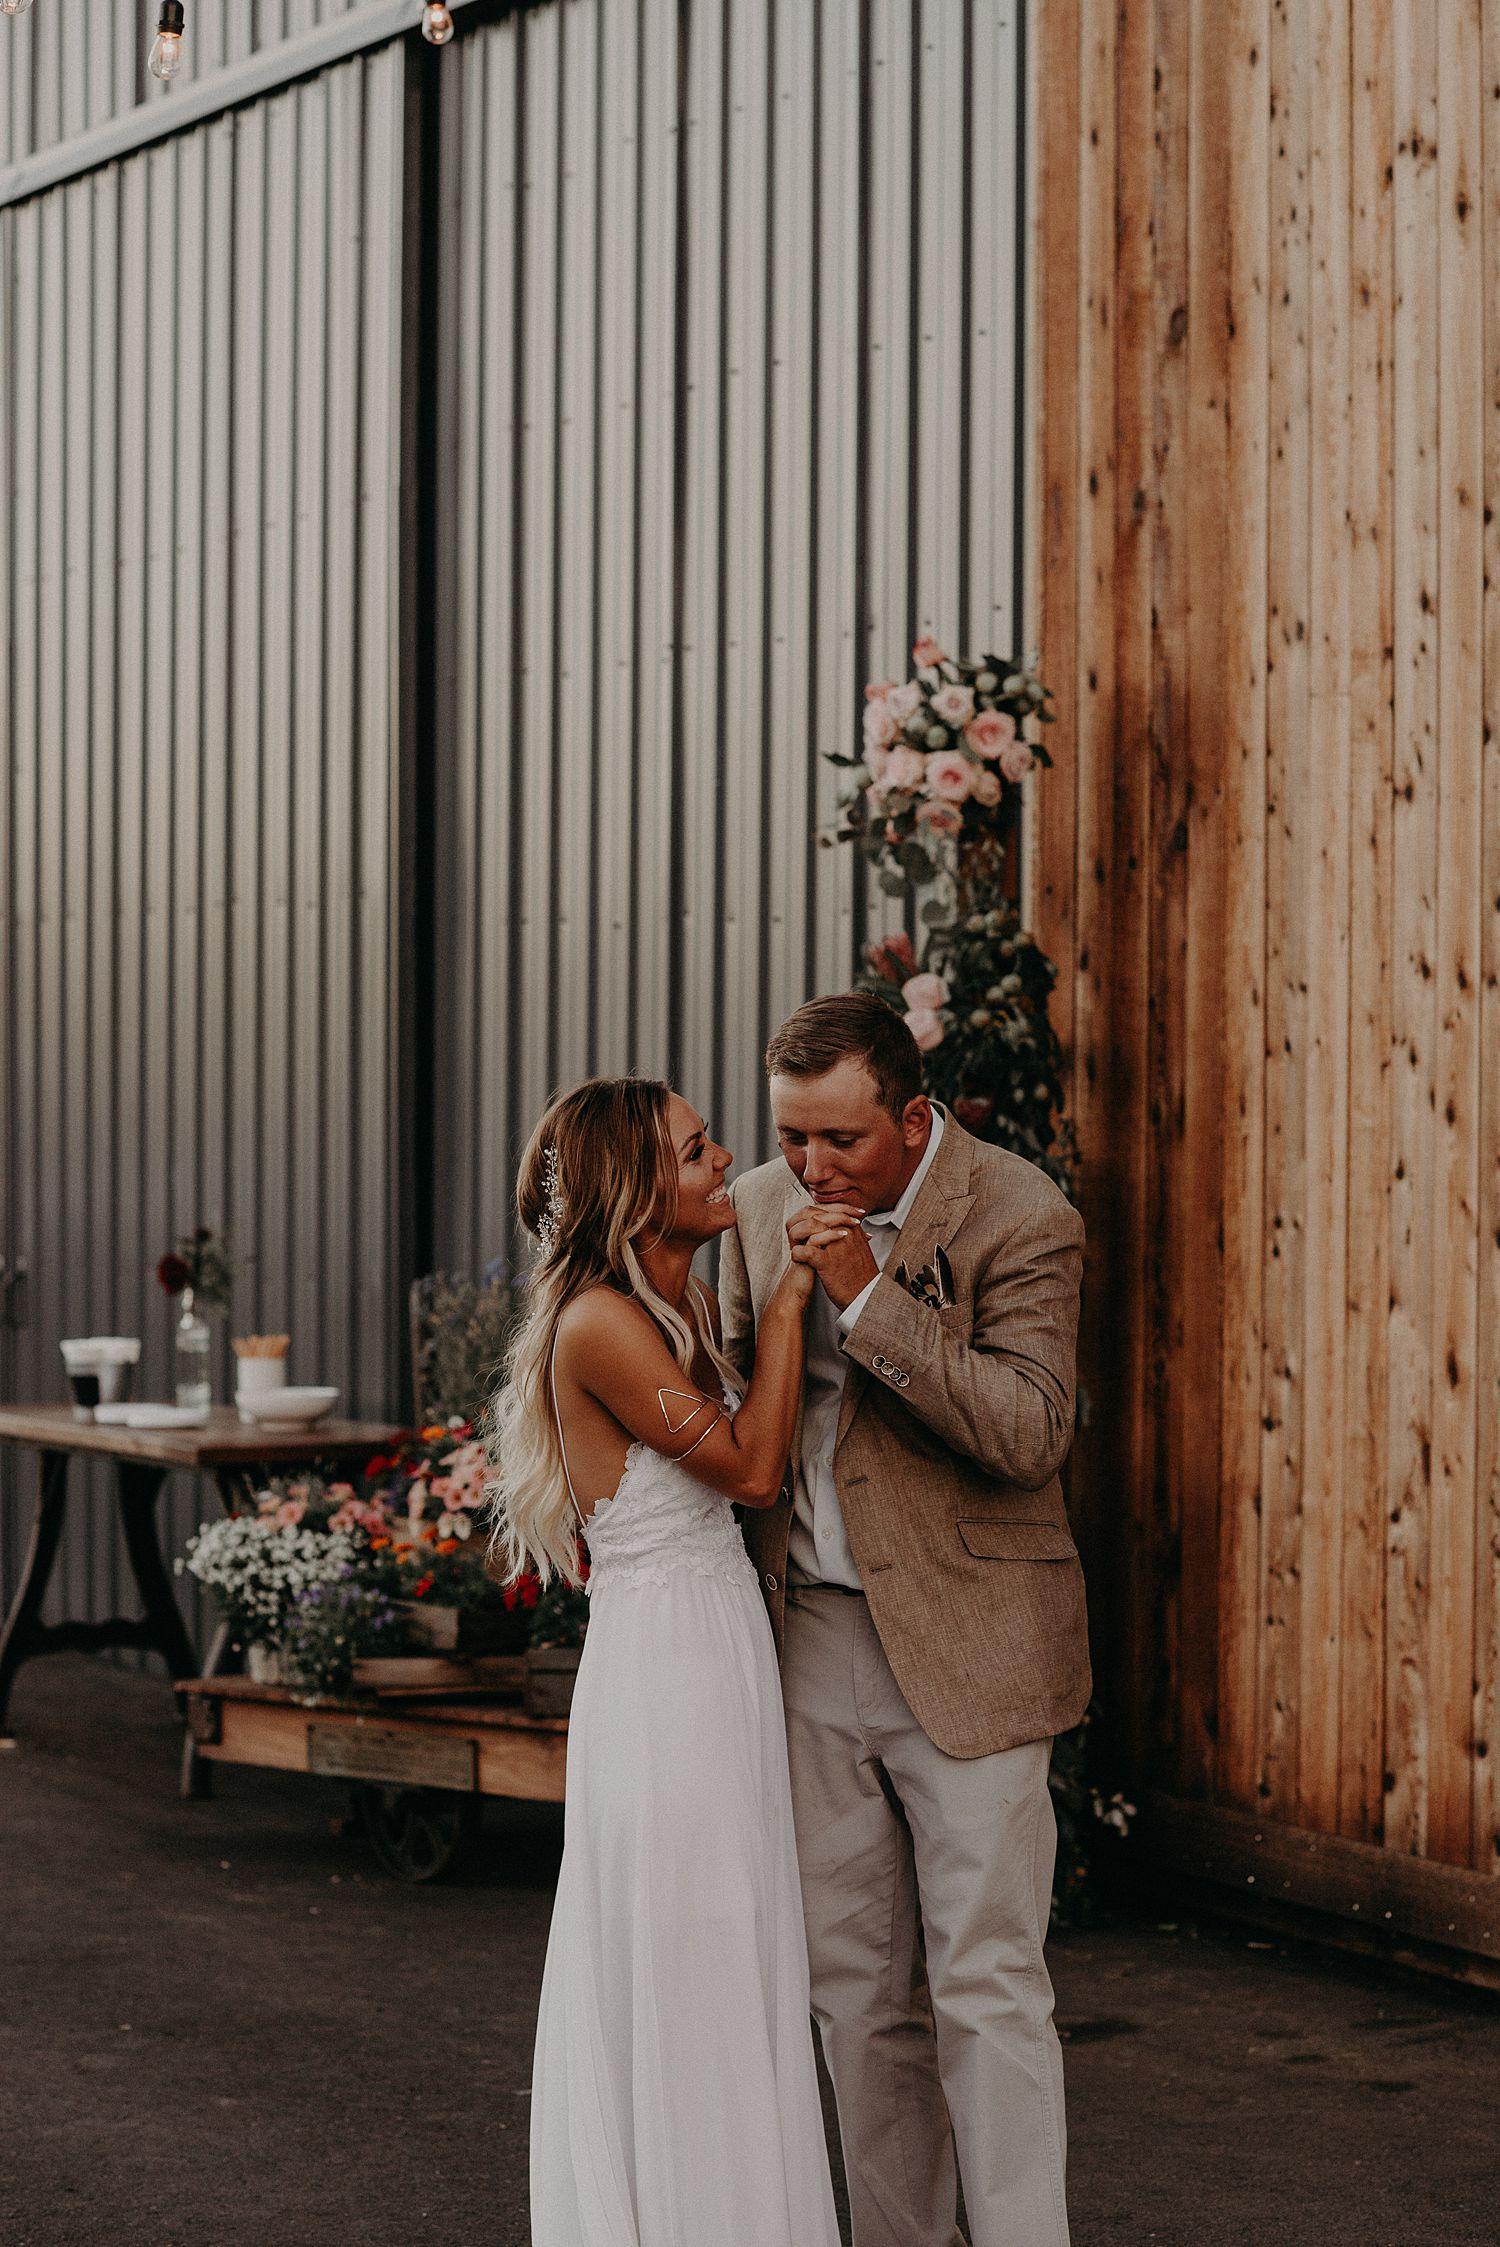 Genna-Dante-Washington-Wedding-July-14th_2018_0342.jpg